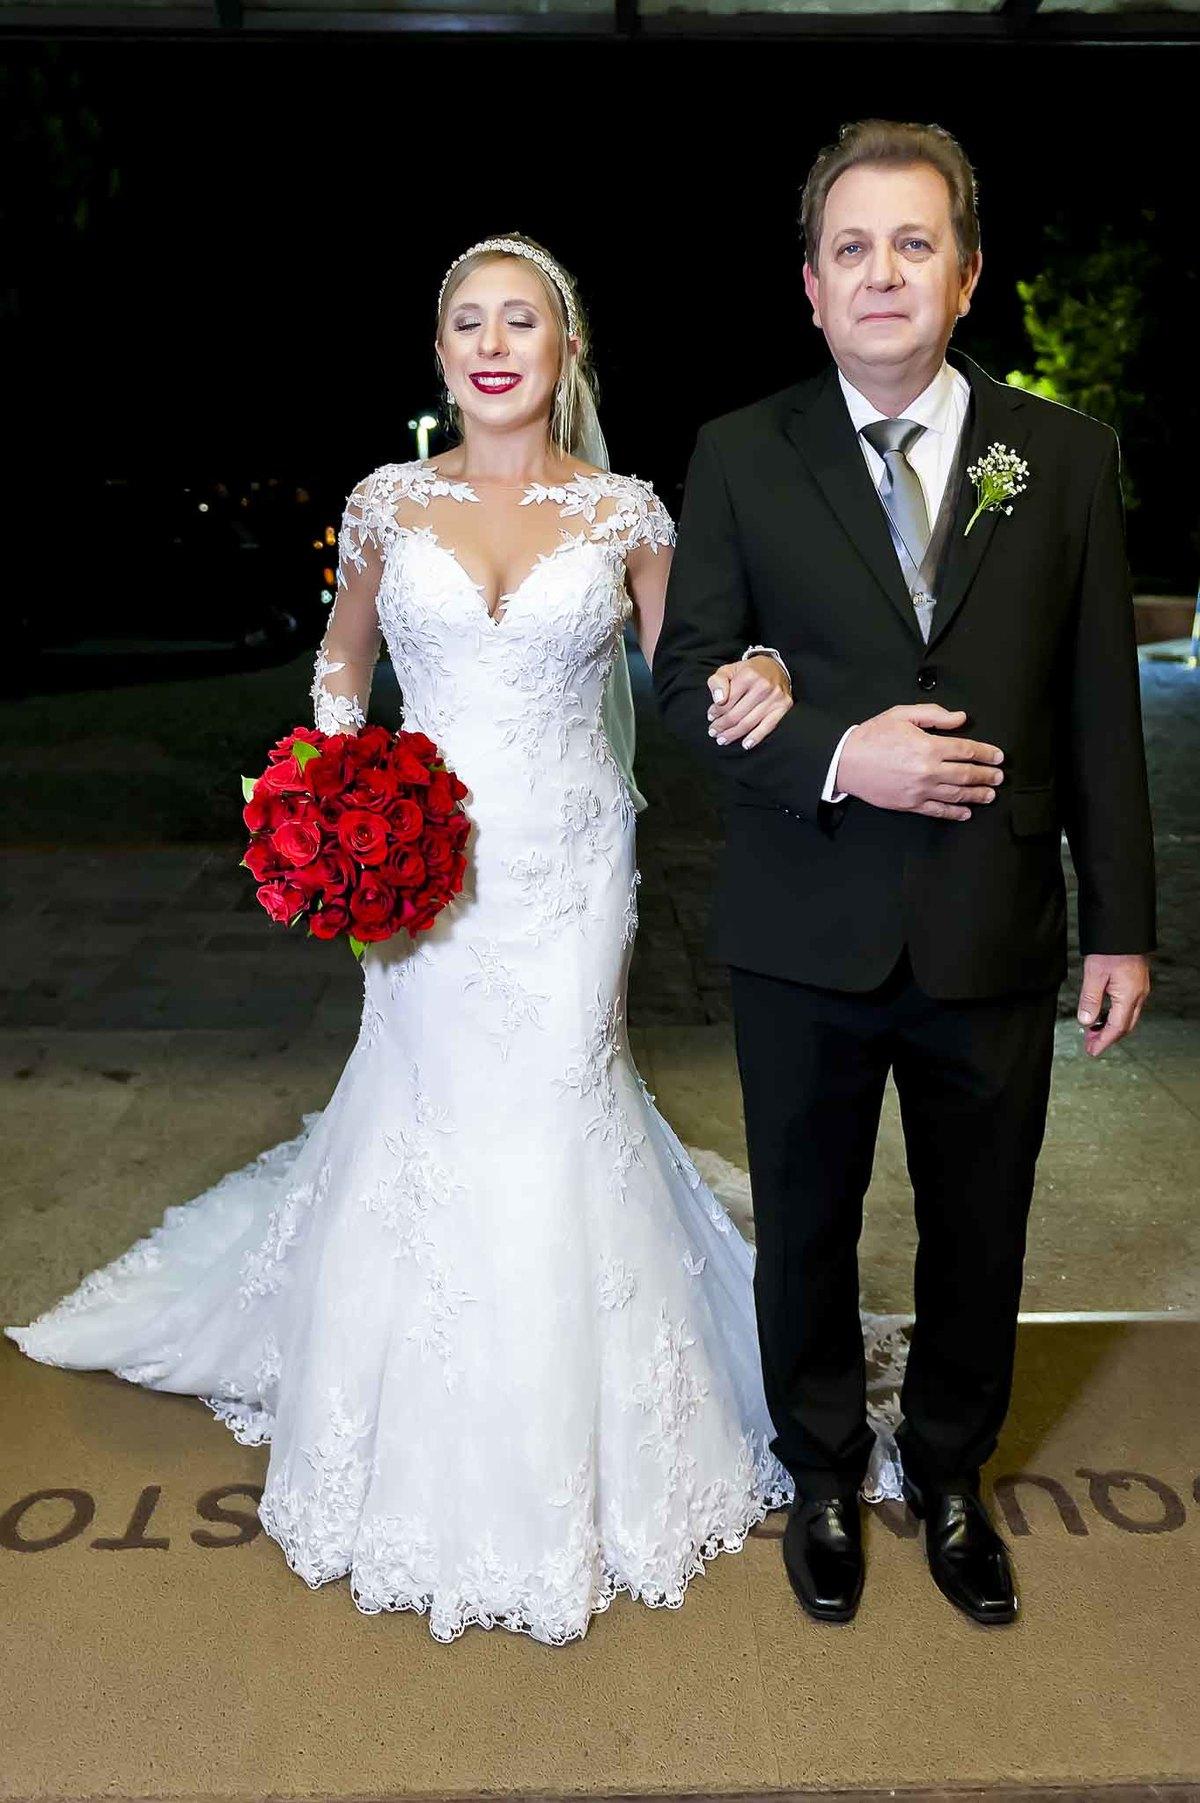 fotografia de casamento na Igreja Bom Pastor Alphaville, fotografia de casamento em alphaville. noiva prearando para entrar com o pai